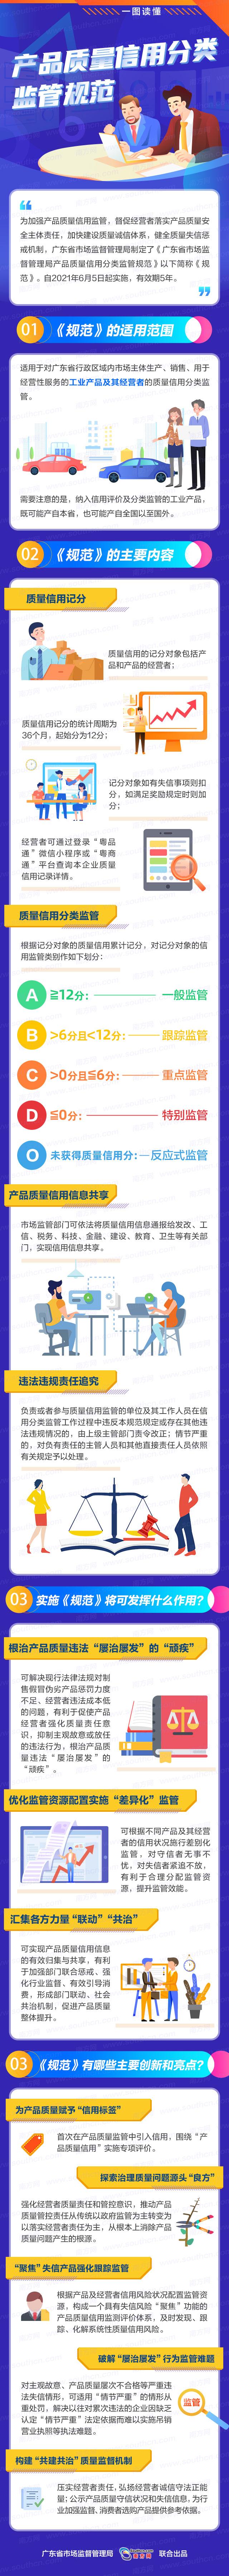 一图读懂:《广东省市场监督管理局产品质量信用分类监管规范》.jpg